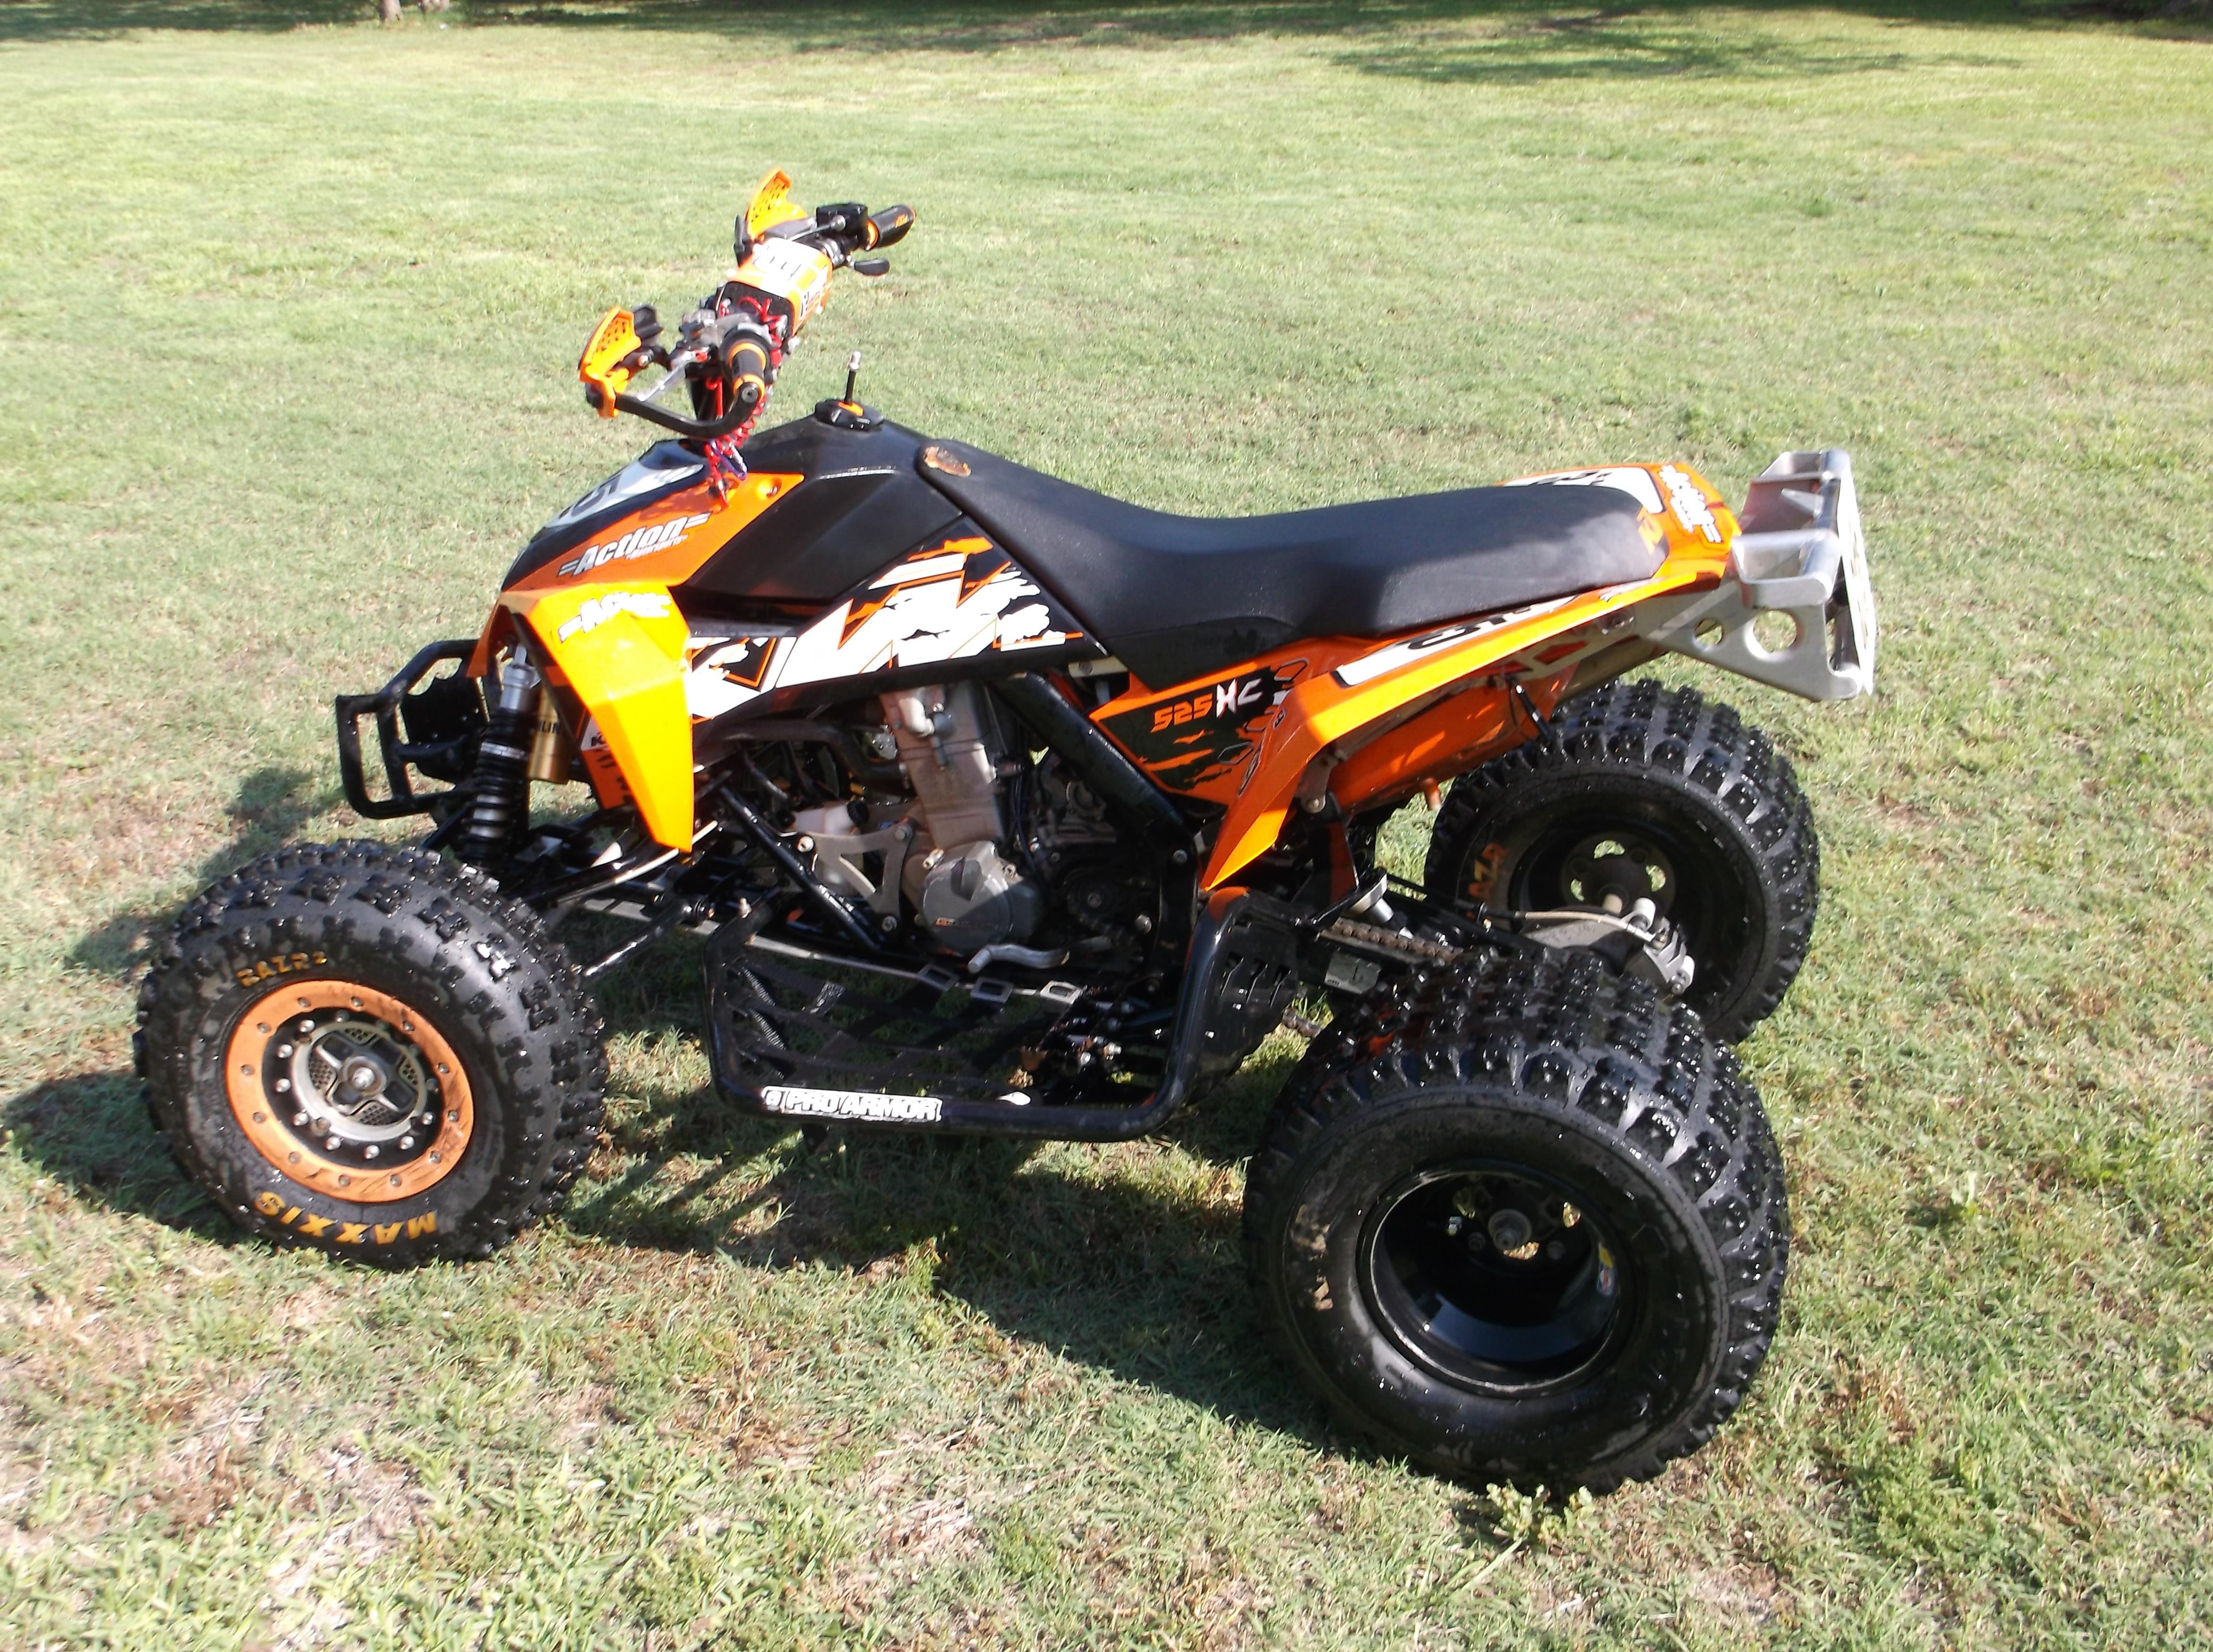 Used 2008 KTM 525 XC ATV Transaction Price $5,999